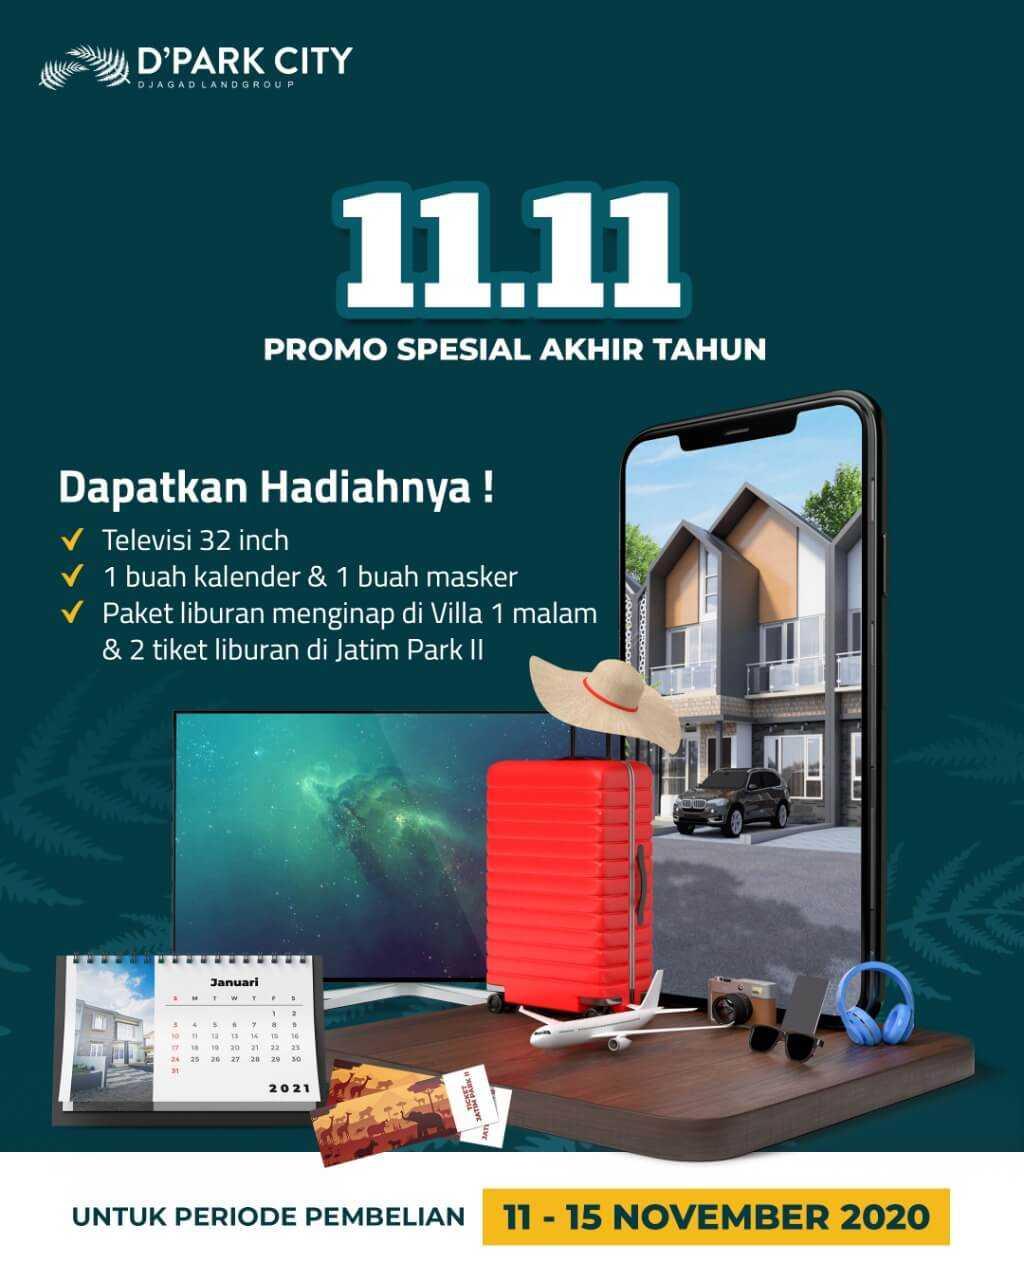 rumah syariah malang - rumah malang - rumah dijual malang - rumah dijual pakisaji - promo 11 bulan november 2020 - d'park city - dav digi